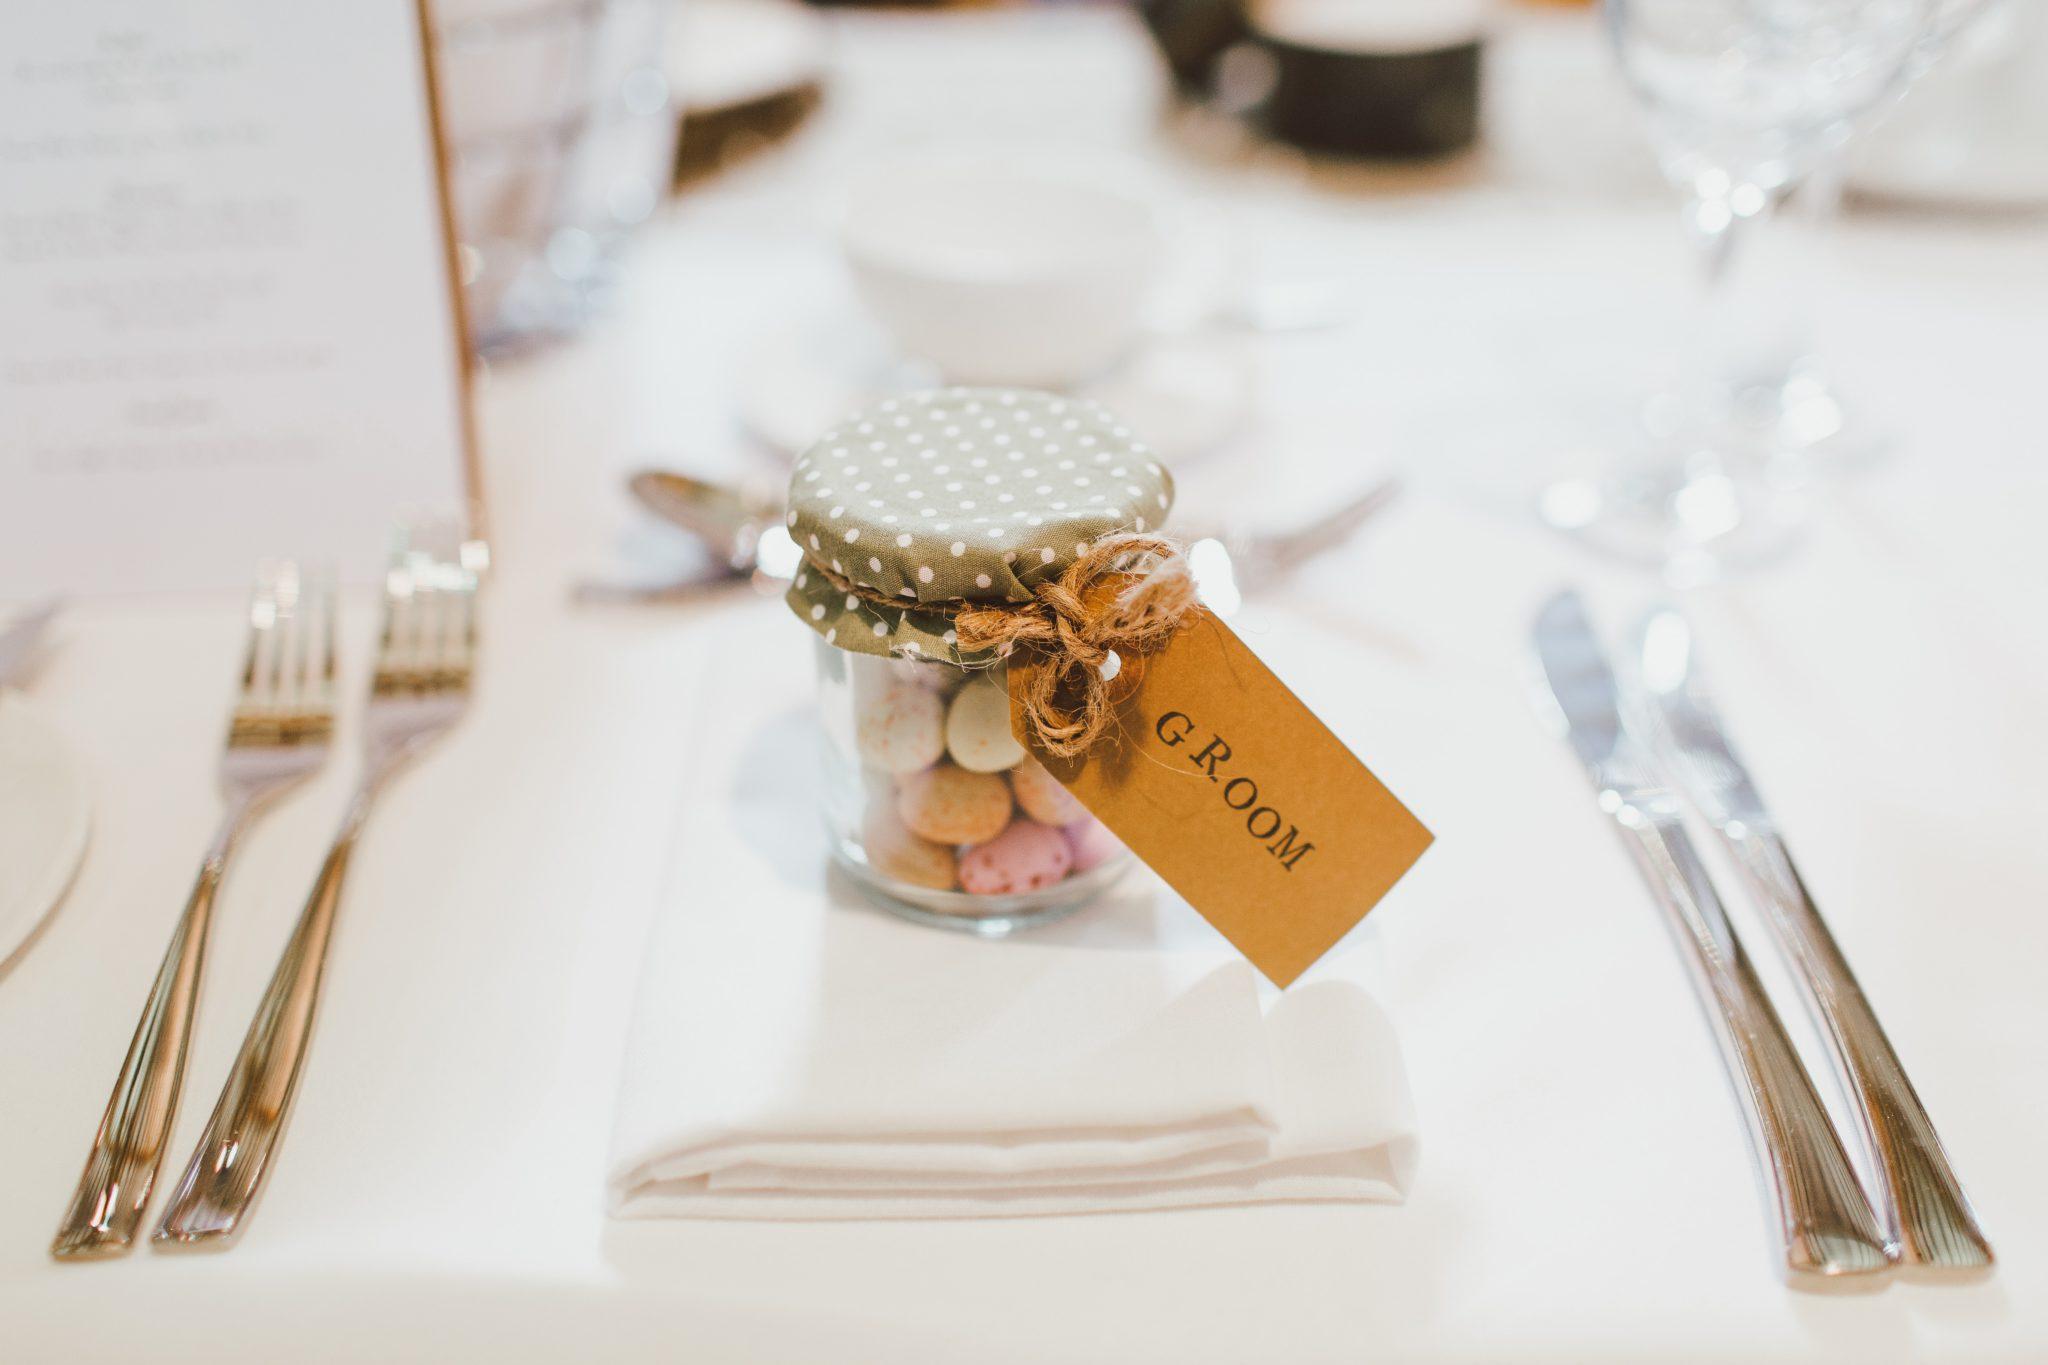 Pot de confiture en guise de cadeau de mariage pour vos invites